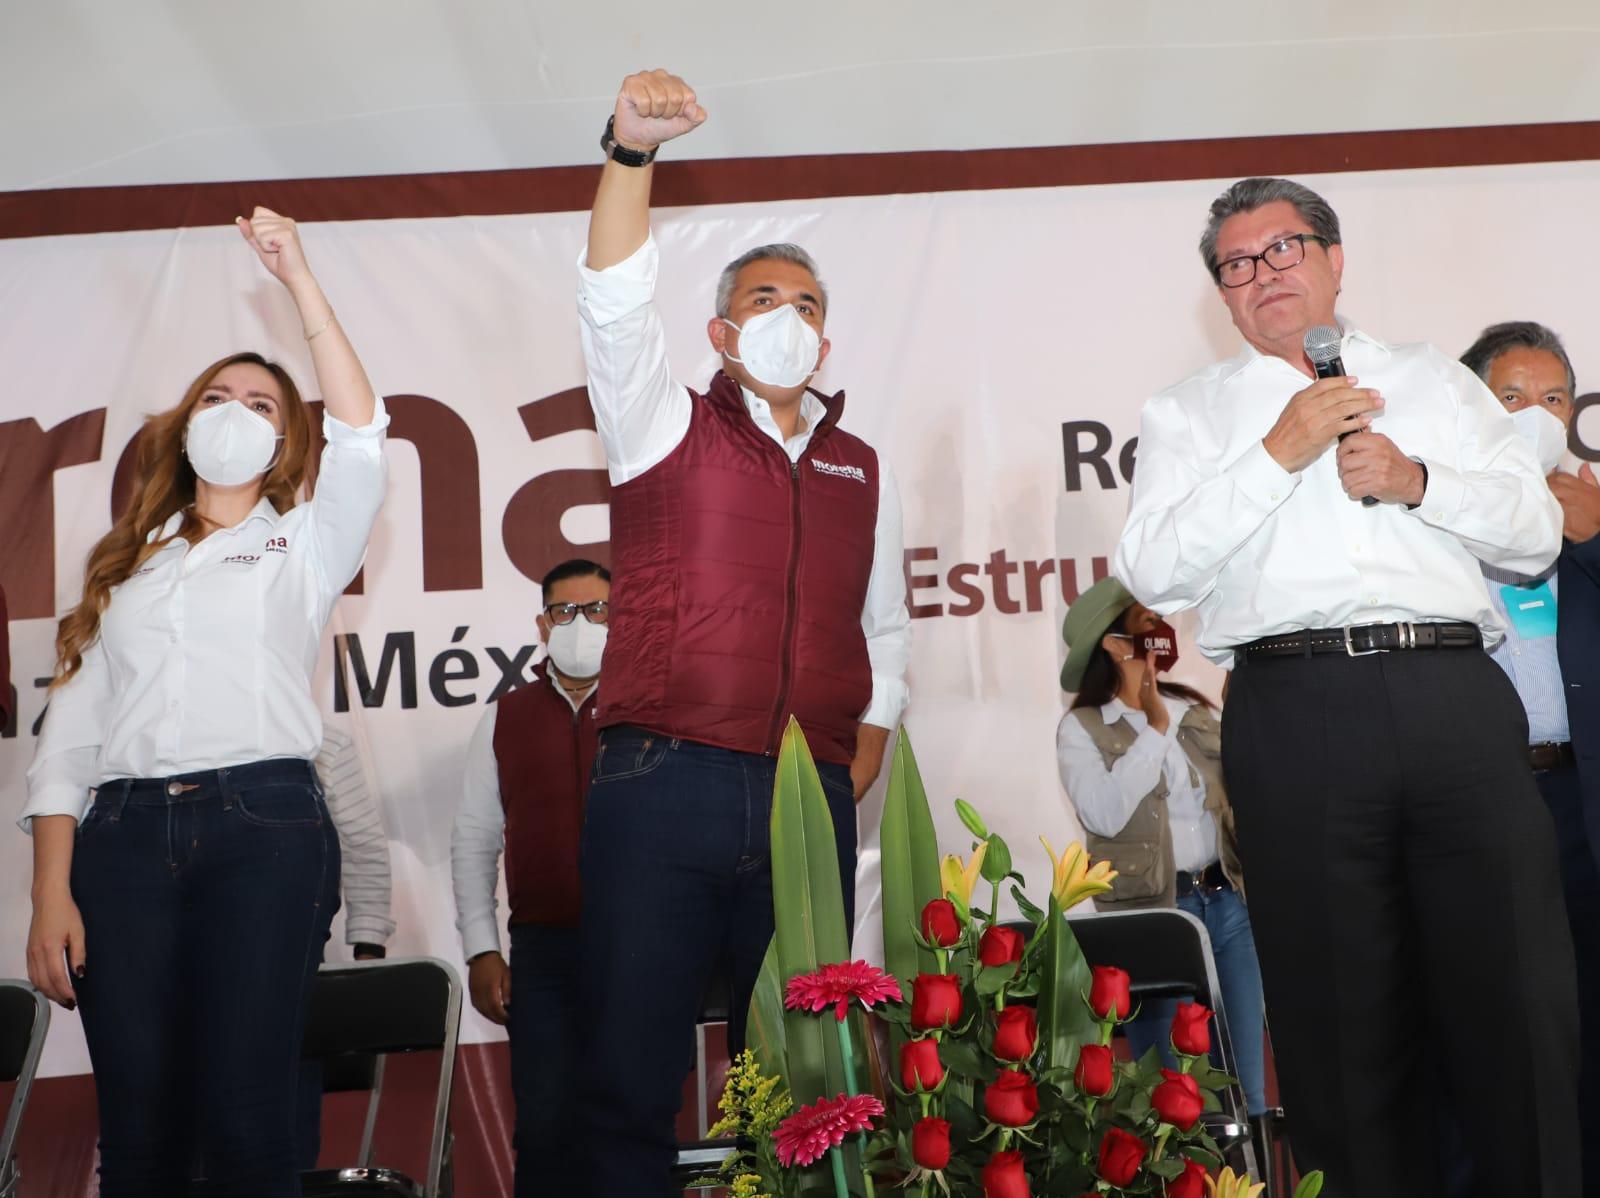 Firme la candidatura de Fernando Vilchis a la presidencia municipal de Ecatepec tras resolución del TEEM sobre programa de tanques de oxígeno a pacientes de Covid-19